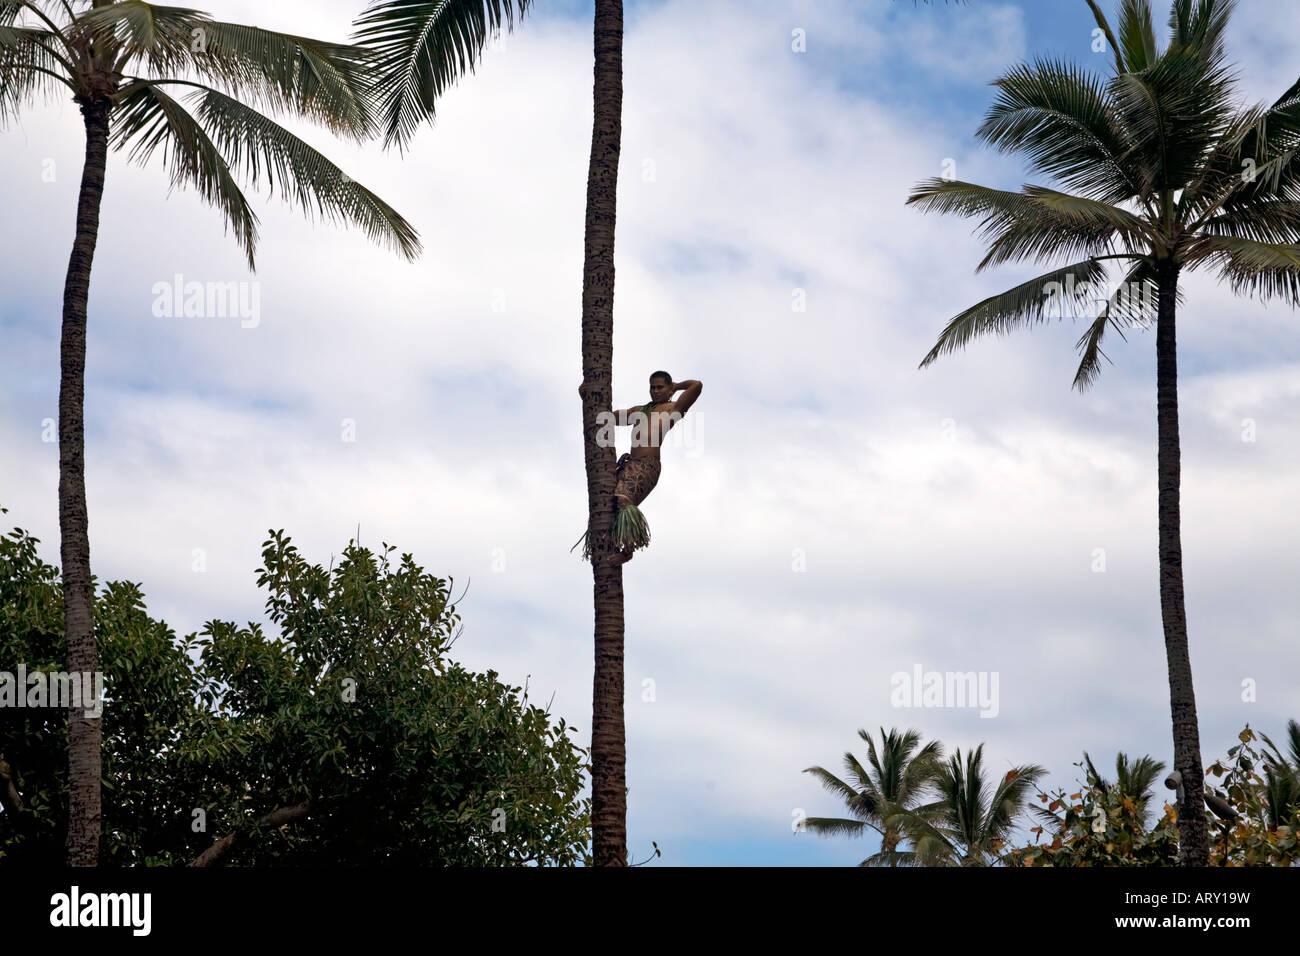 einheimische klettern palme in hawaii d nne palmen mit wei en wolke und blauem himmel stockfoto. Black Bedroom Furniture Sets. Home Design Ideas